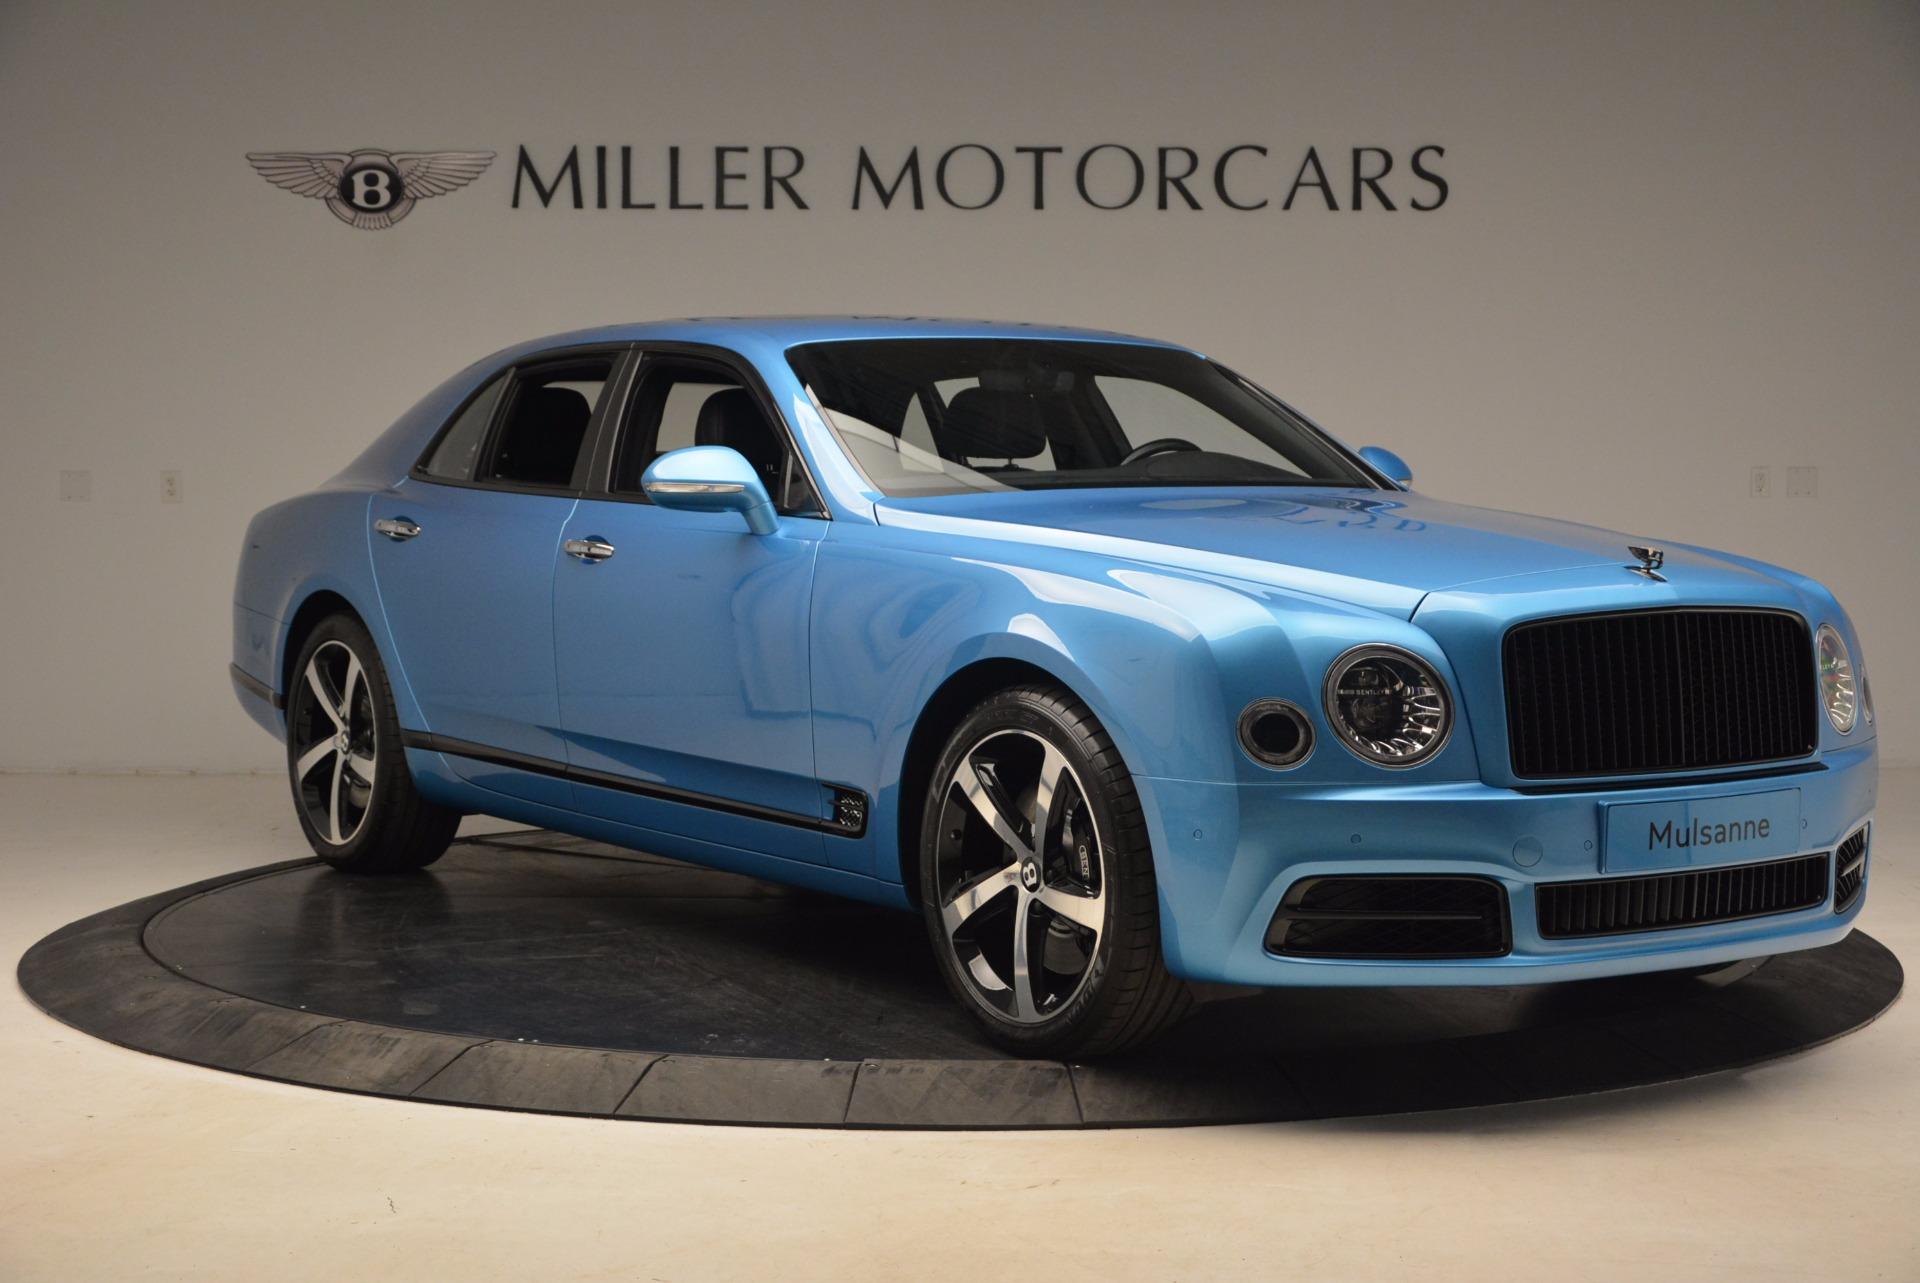 New 2018 Bentley Mulsanne Speed Design Series- Taking